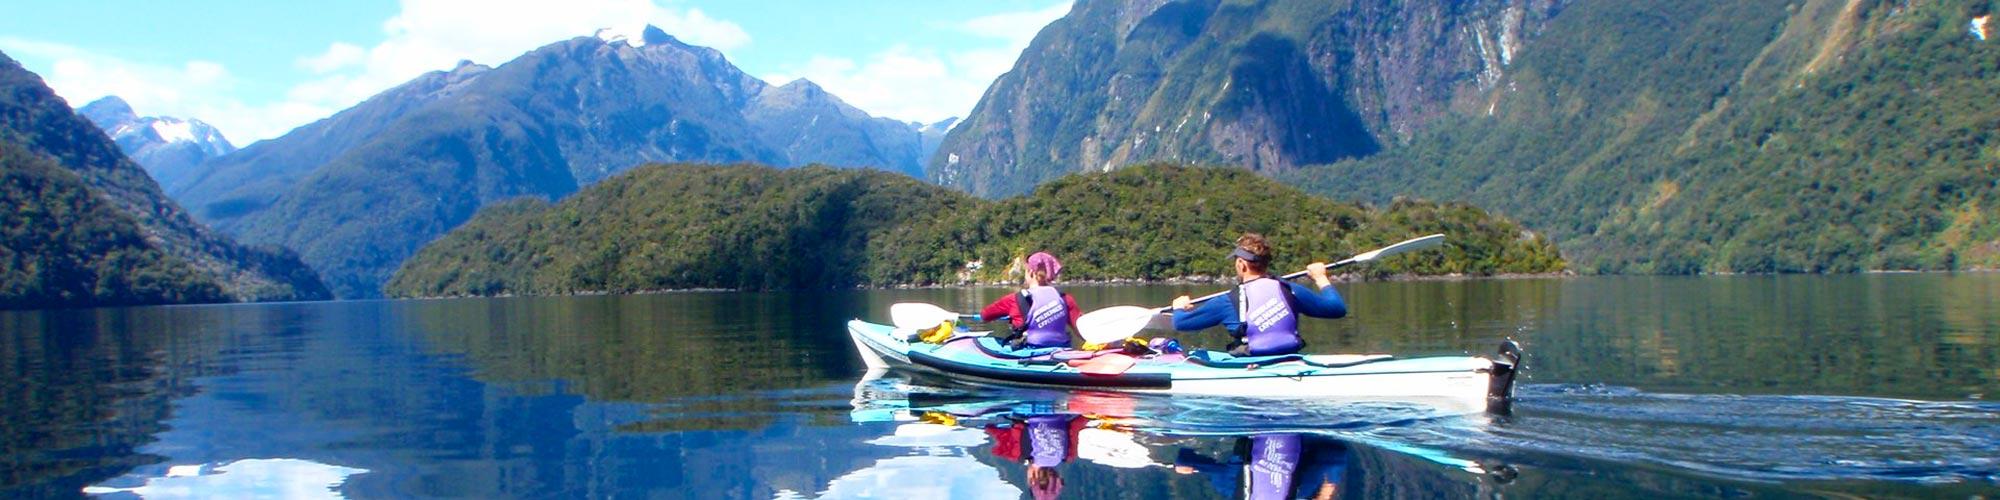 Hidden Kayaking Gems New Zealand South Island